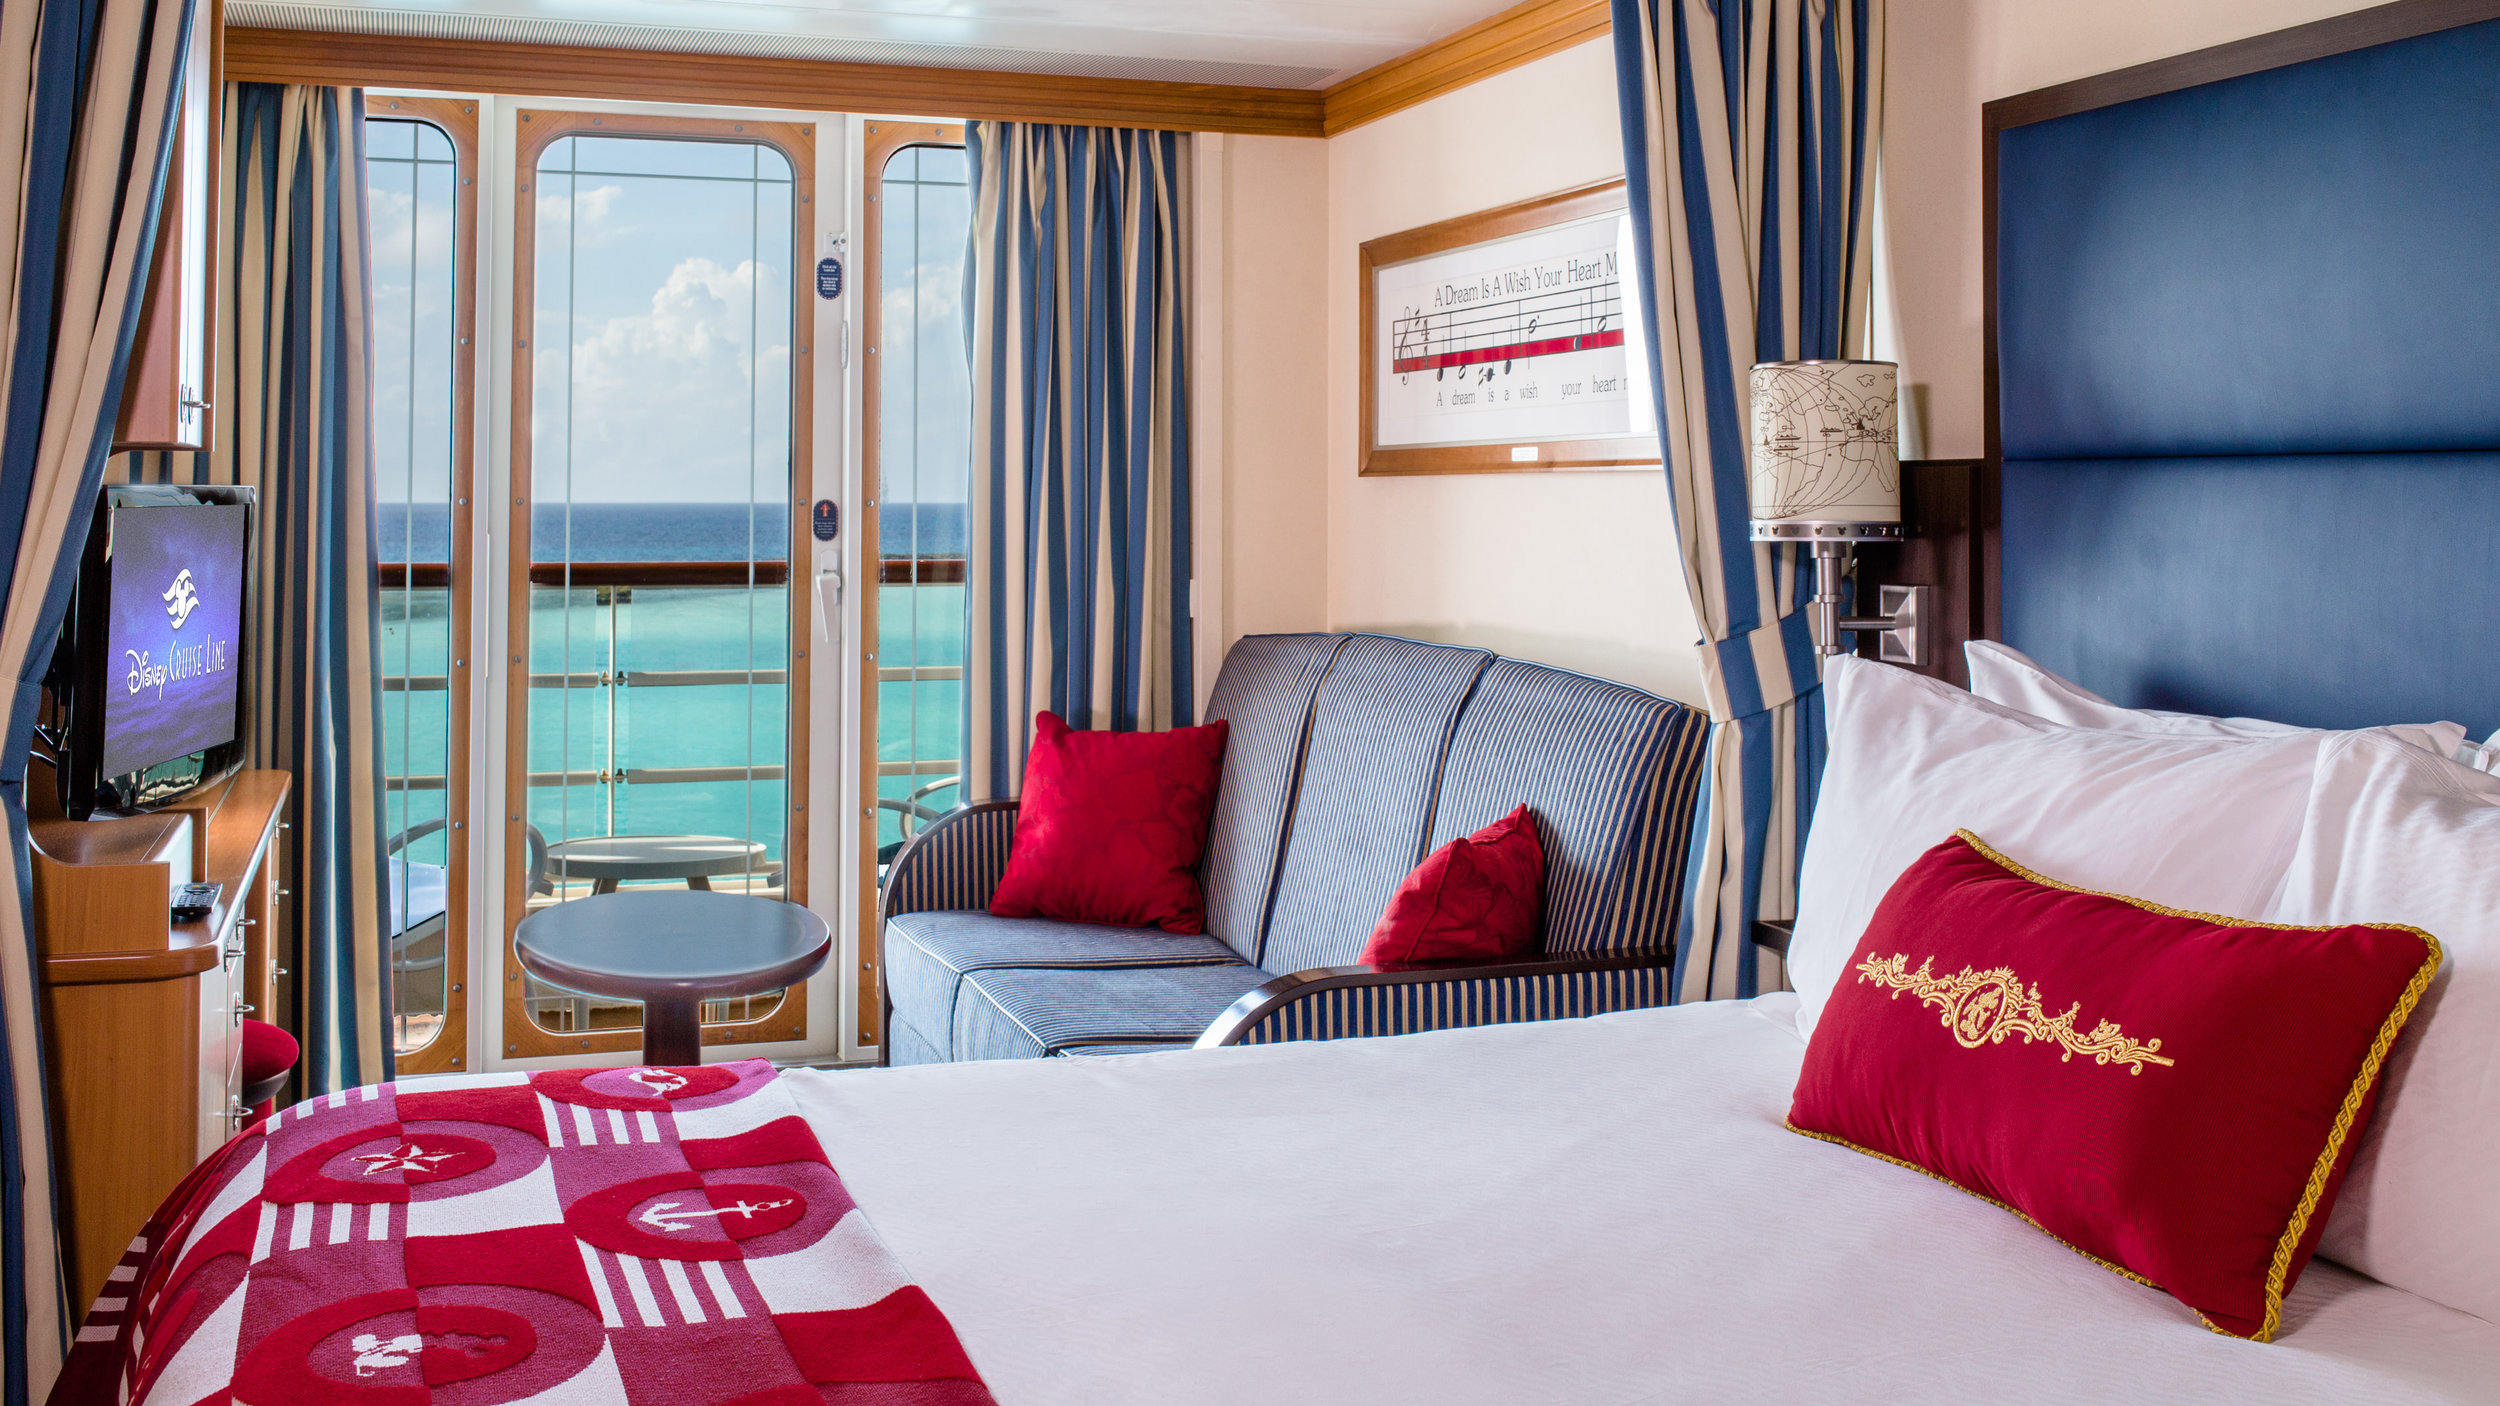 DM05c-deluxe-oceanview-stateroom-with-verandah.jpg